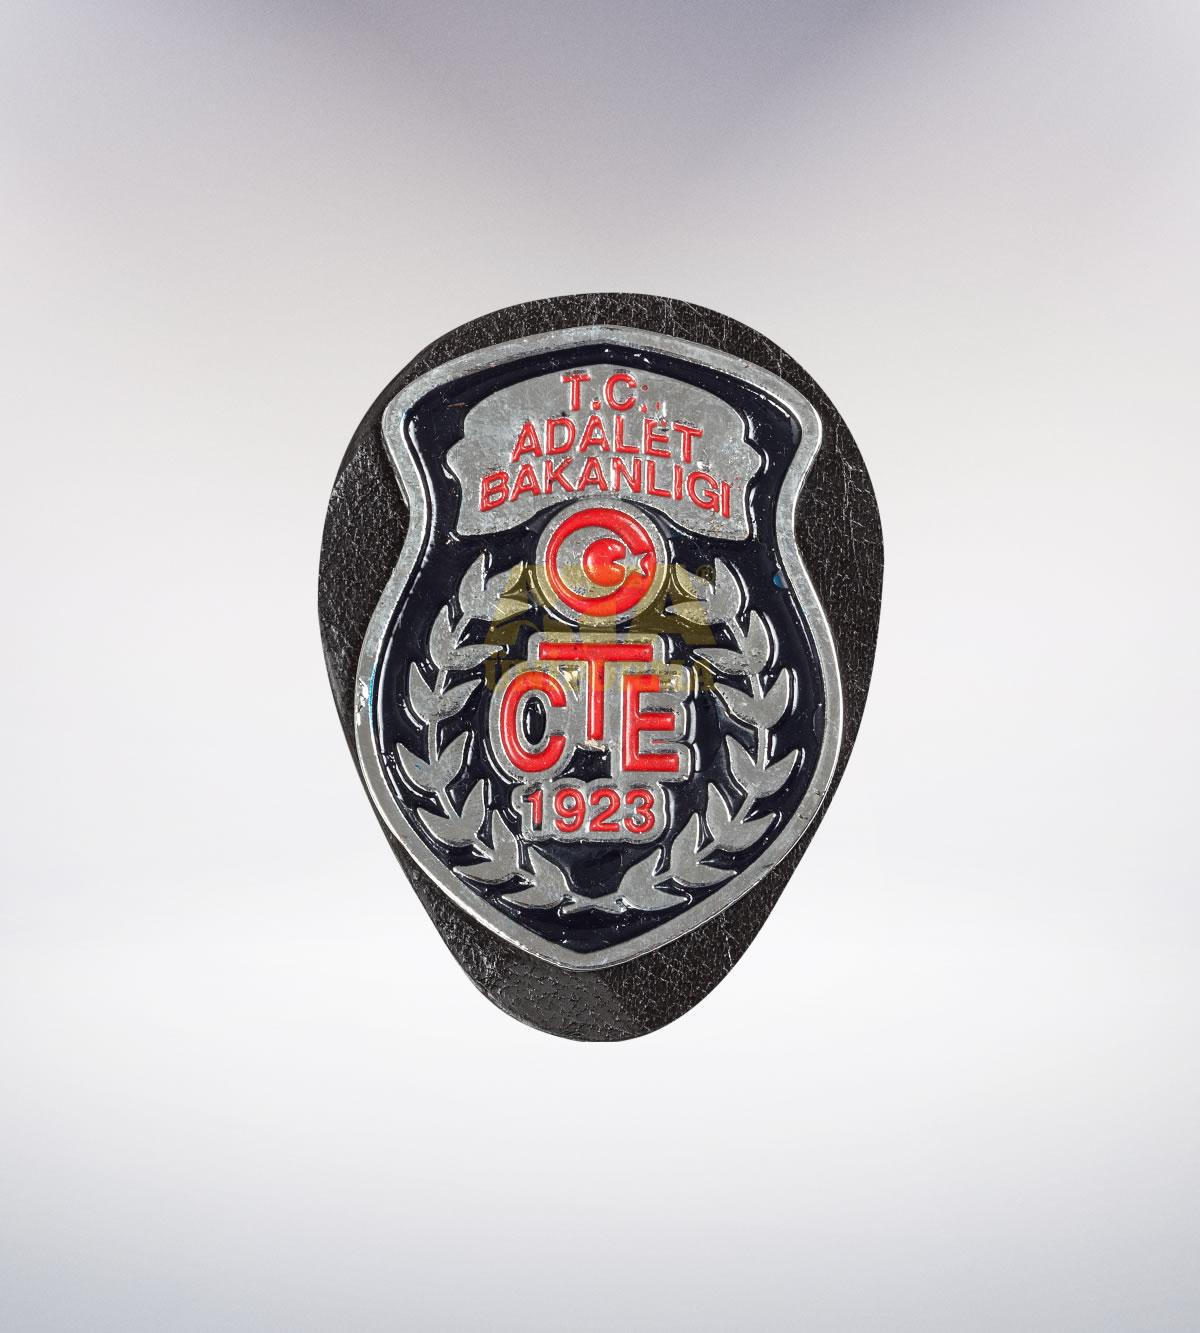 ATA-1088 Adalet Bakanlığı metal rozet - asker elbiseleri | asker  üniformaları | polis kıyafetleri